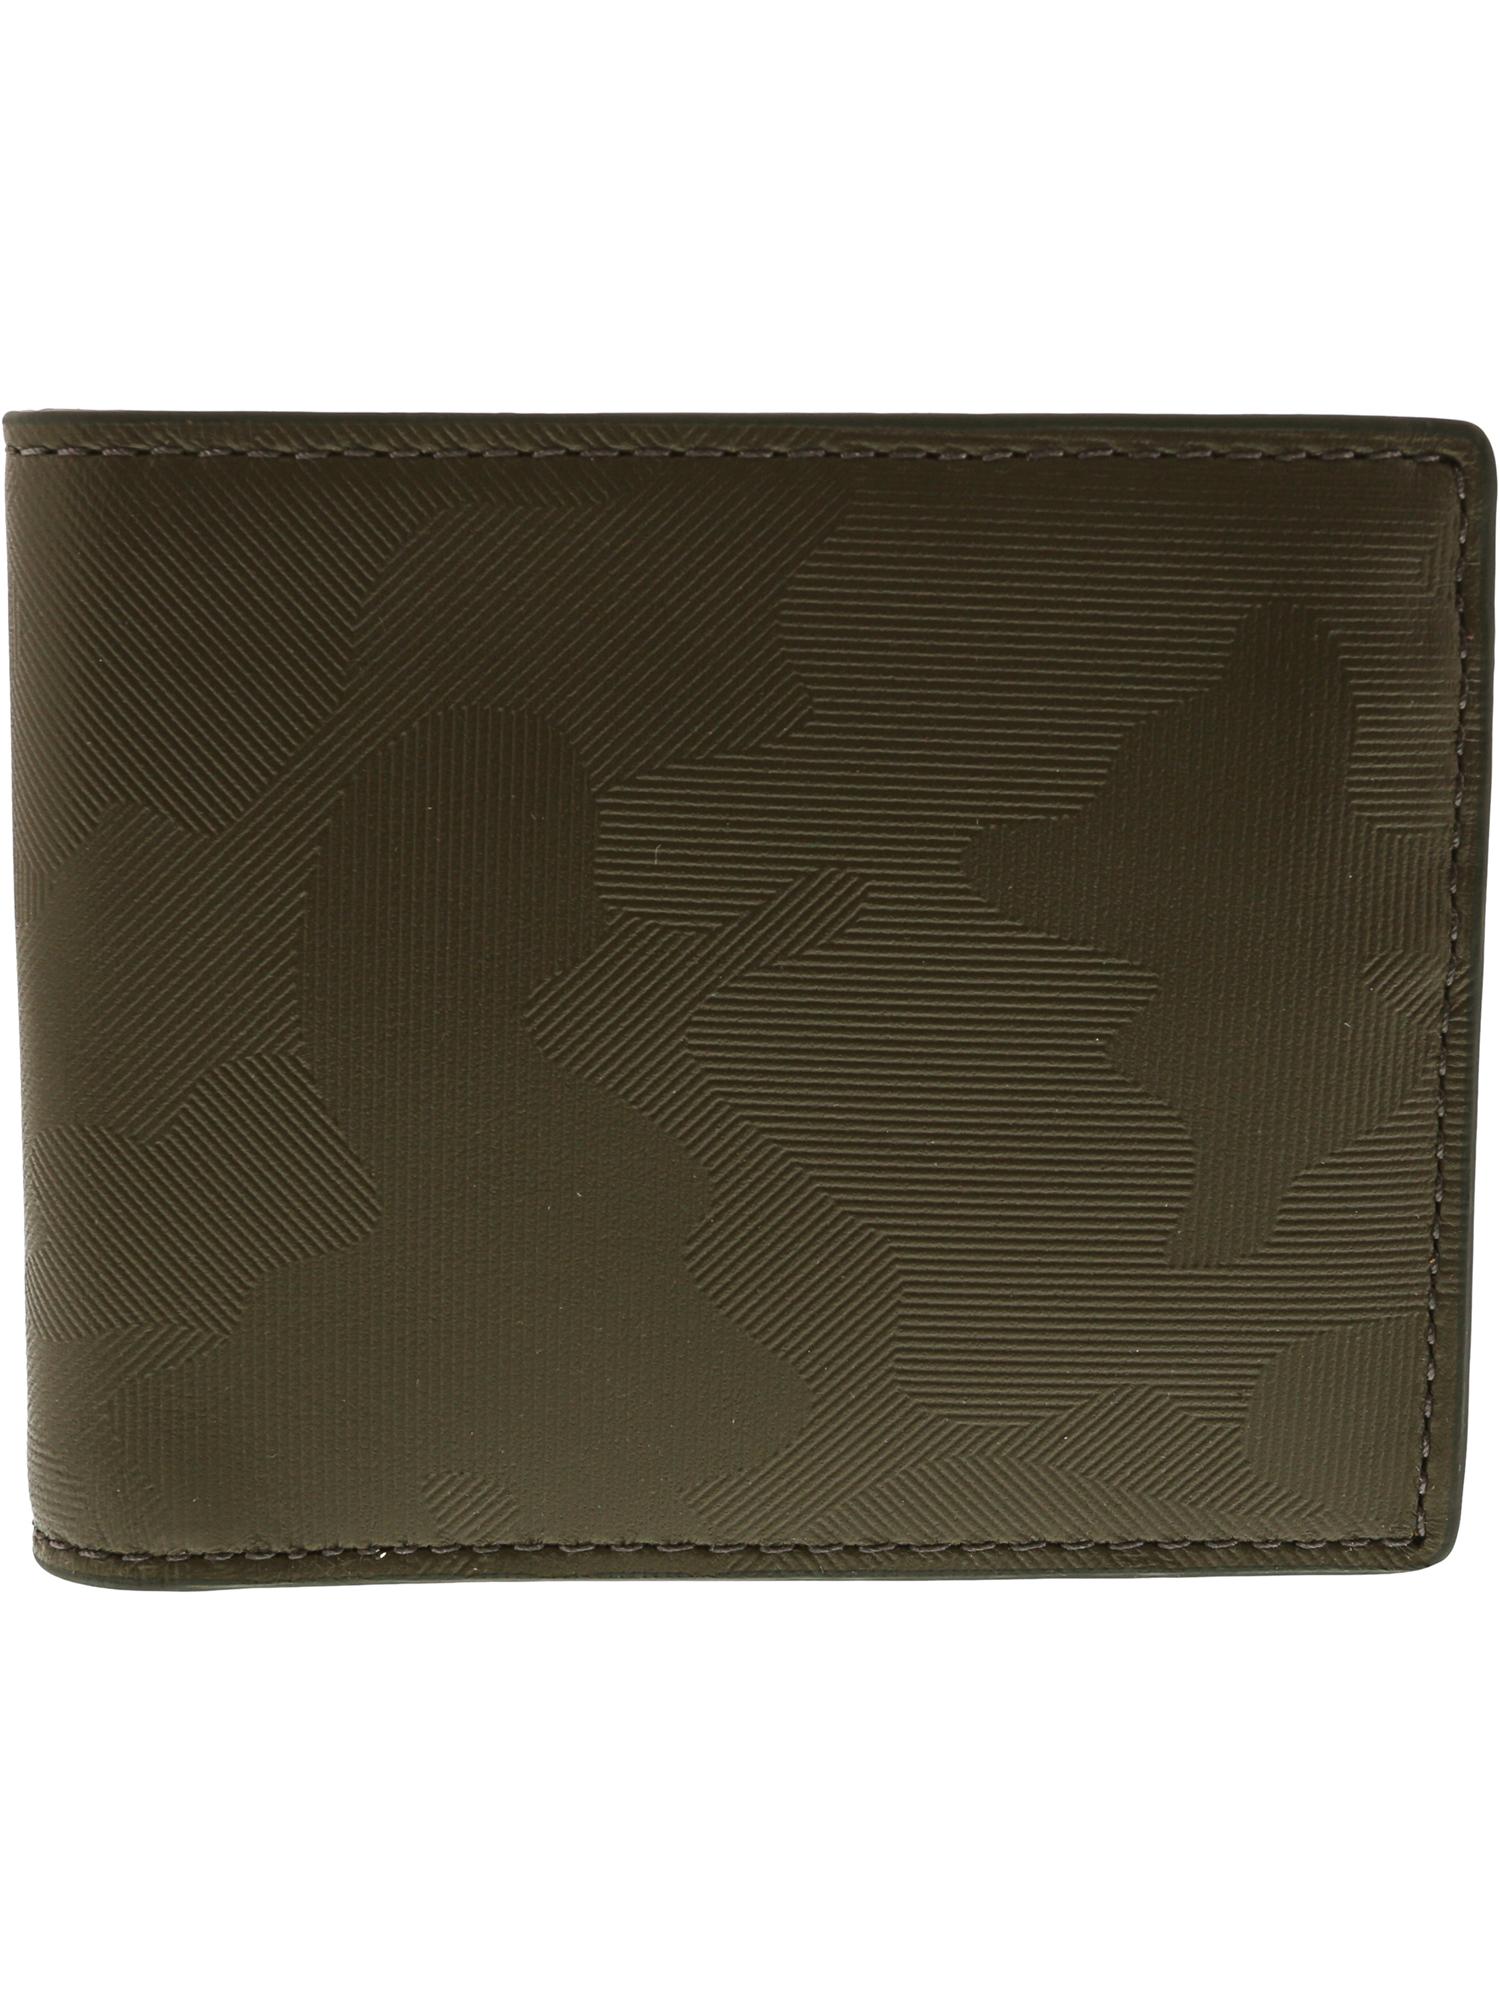 Fossil Men's Jasper Flip Id Bifold Leather Wallet - Green